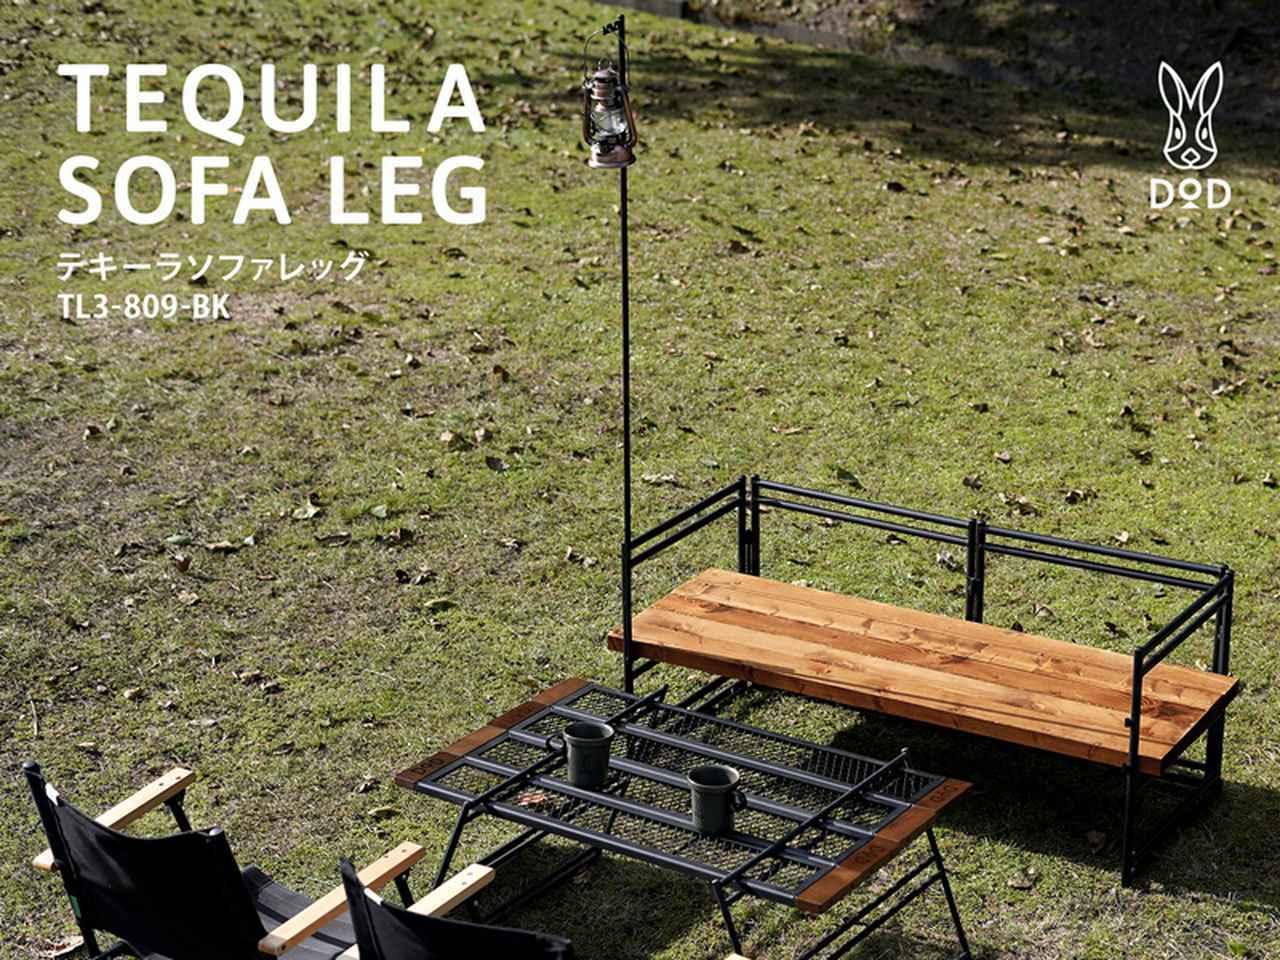 画像: 【注目リリース】DOD(ディーオーディー)が「テキーラソファレッグ」を発売!木材・クッションと組み合わせて世界に一つだけのソファー - ハピキャン|キャンプ・アウトドア情報メディア